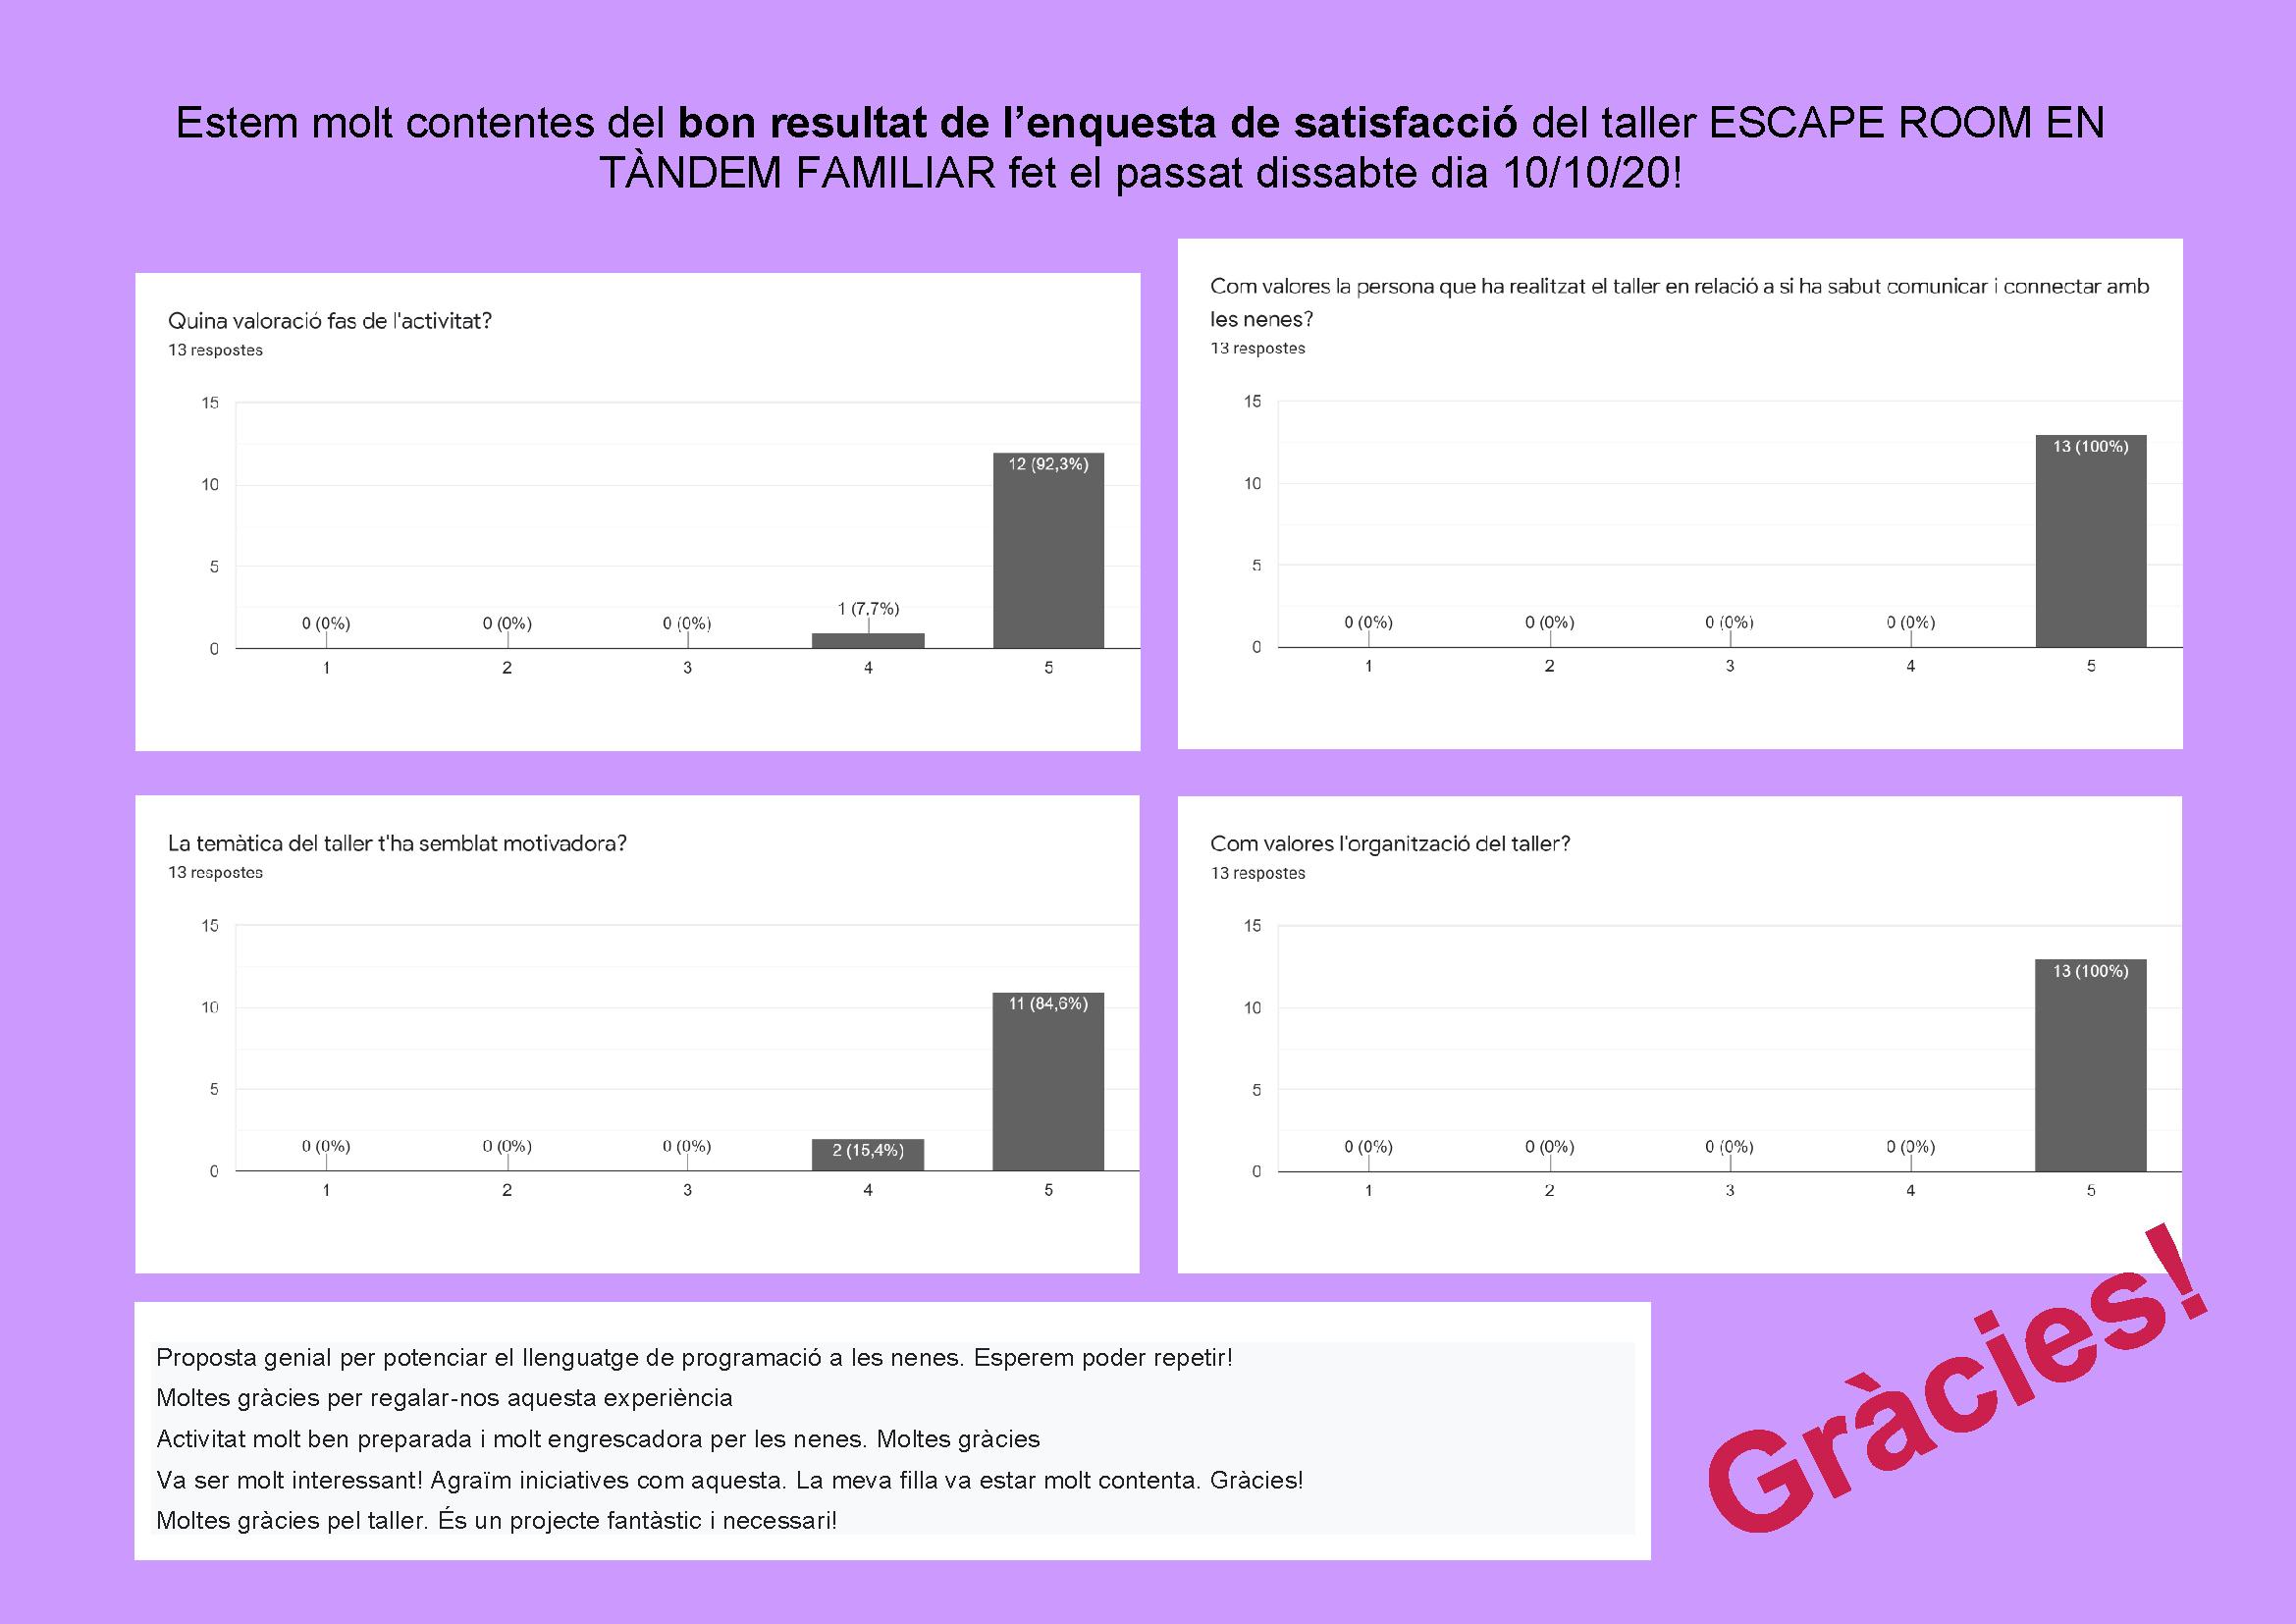 Resultats de l'enquesta del taller ESCAPE ROOM EN TÀNDEM FAMILIAR